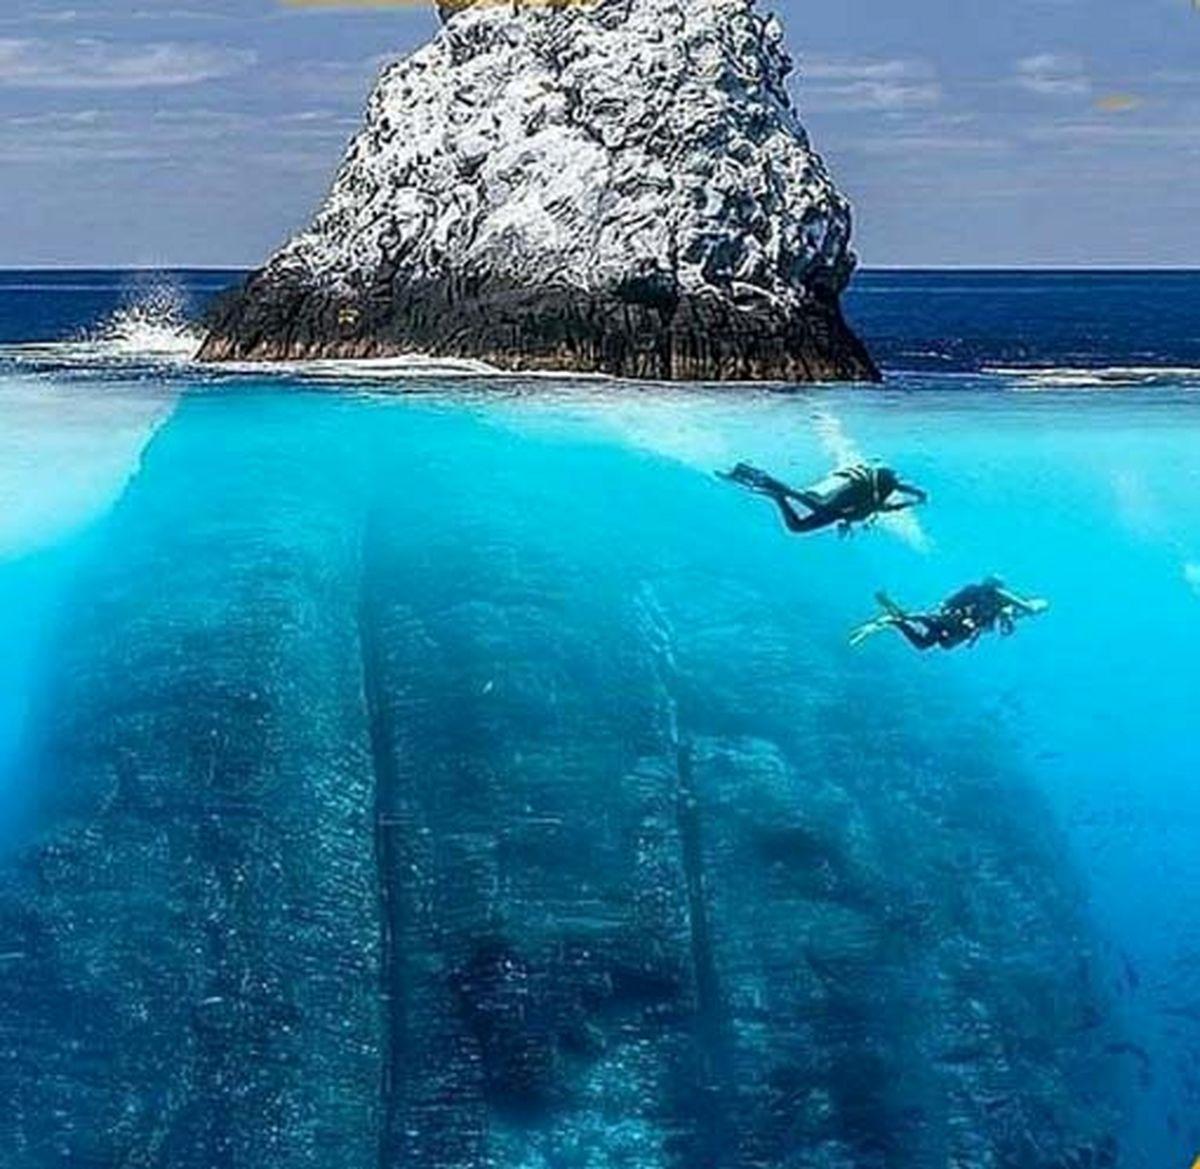 صخره غول پیکر که ۳۰۰ متر زیر آب است!